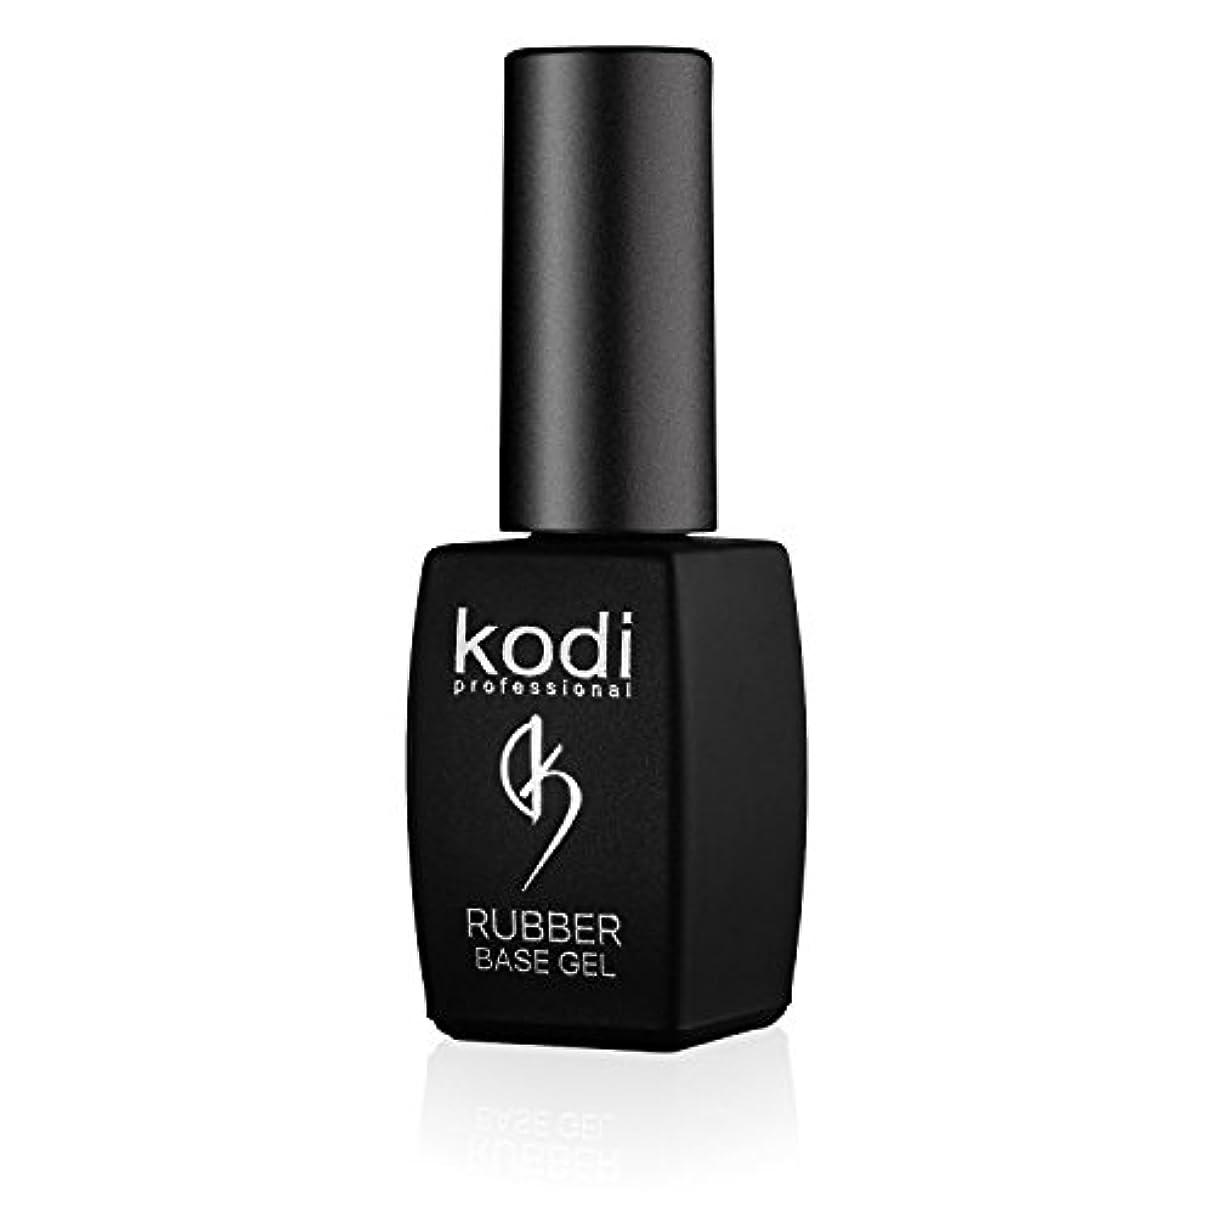 無駄な路地脱臼するProfessional Rubber Base Gel By Kodi   8ml 0.27 oz   Soak Off, Polish Fingernails Coat Gel   For Long Lasting Nails Layer   Easy To Use, Non-Toxic & Scentless   Cure Under LED Or UV Lamp